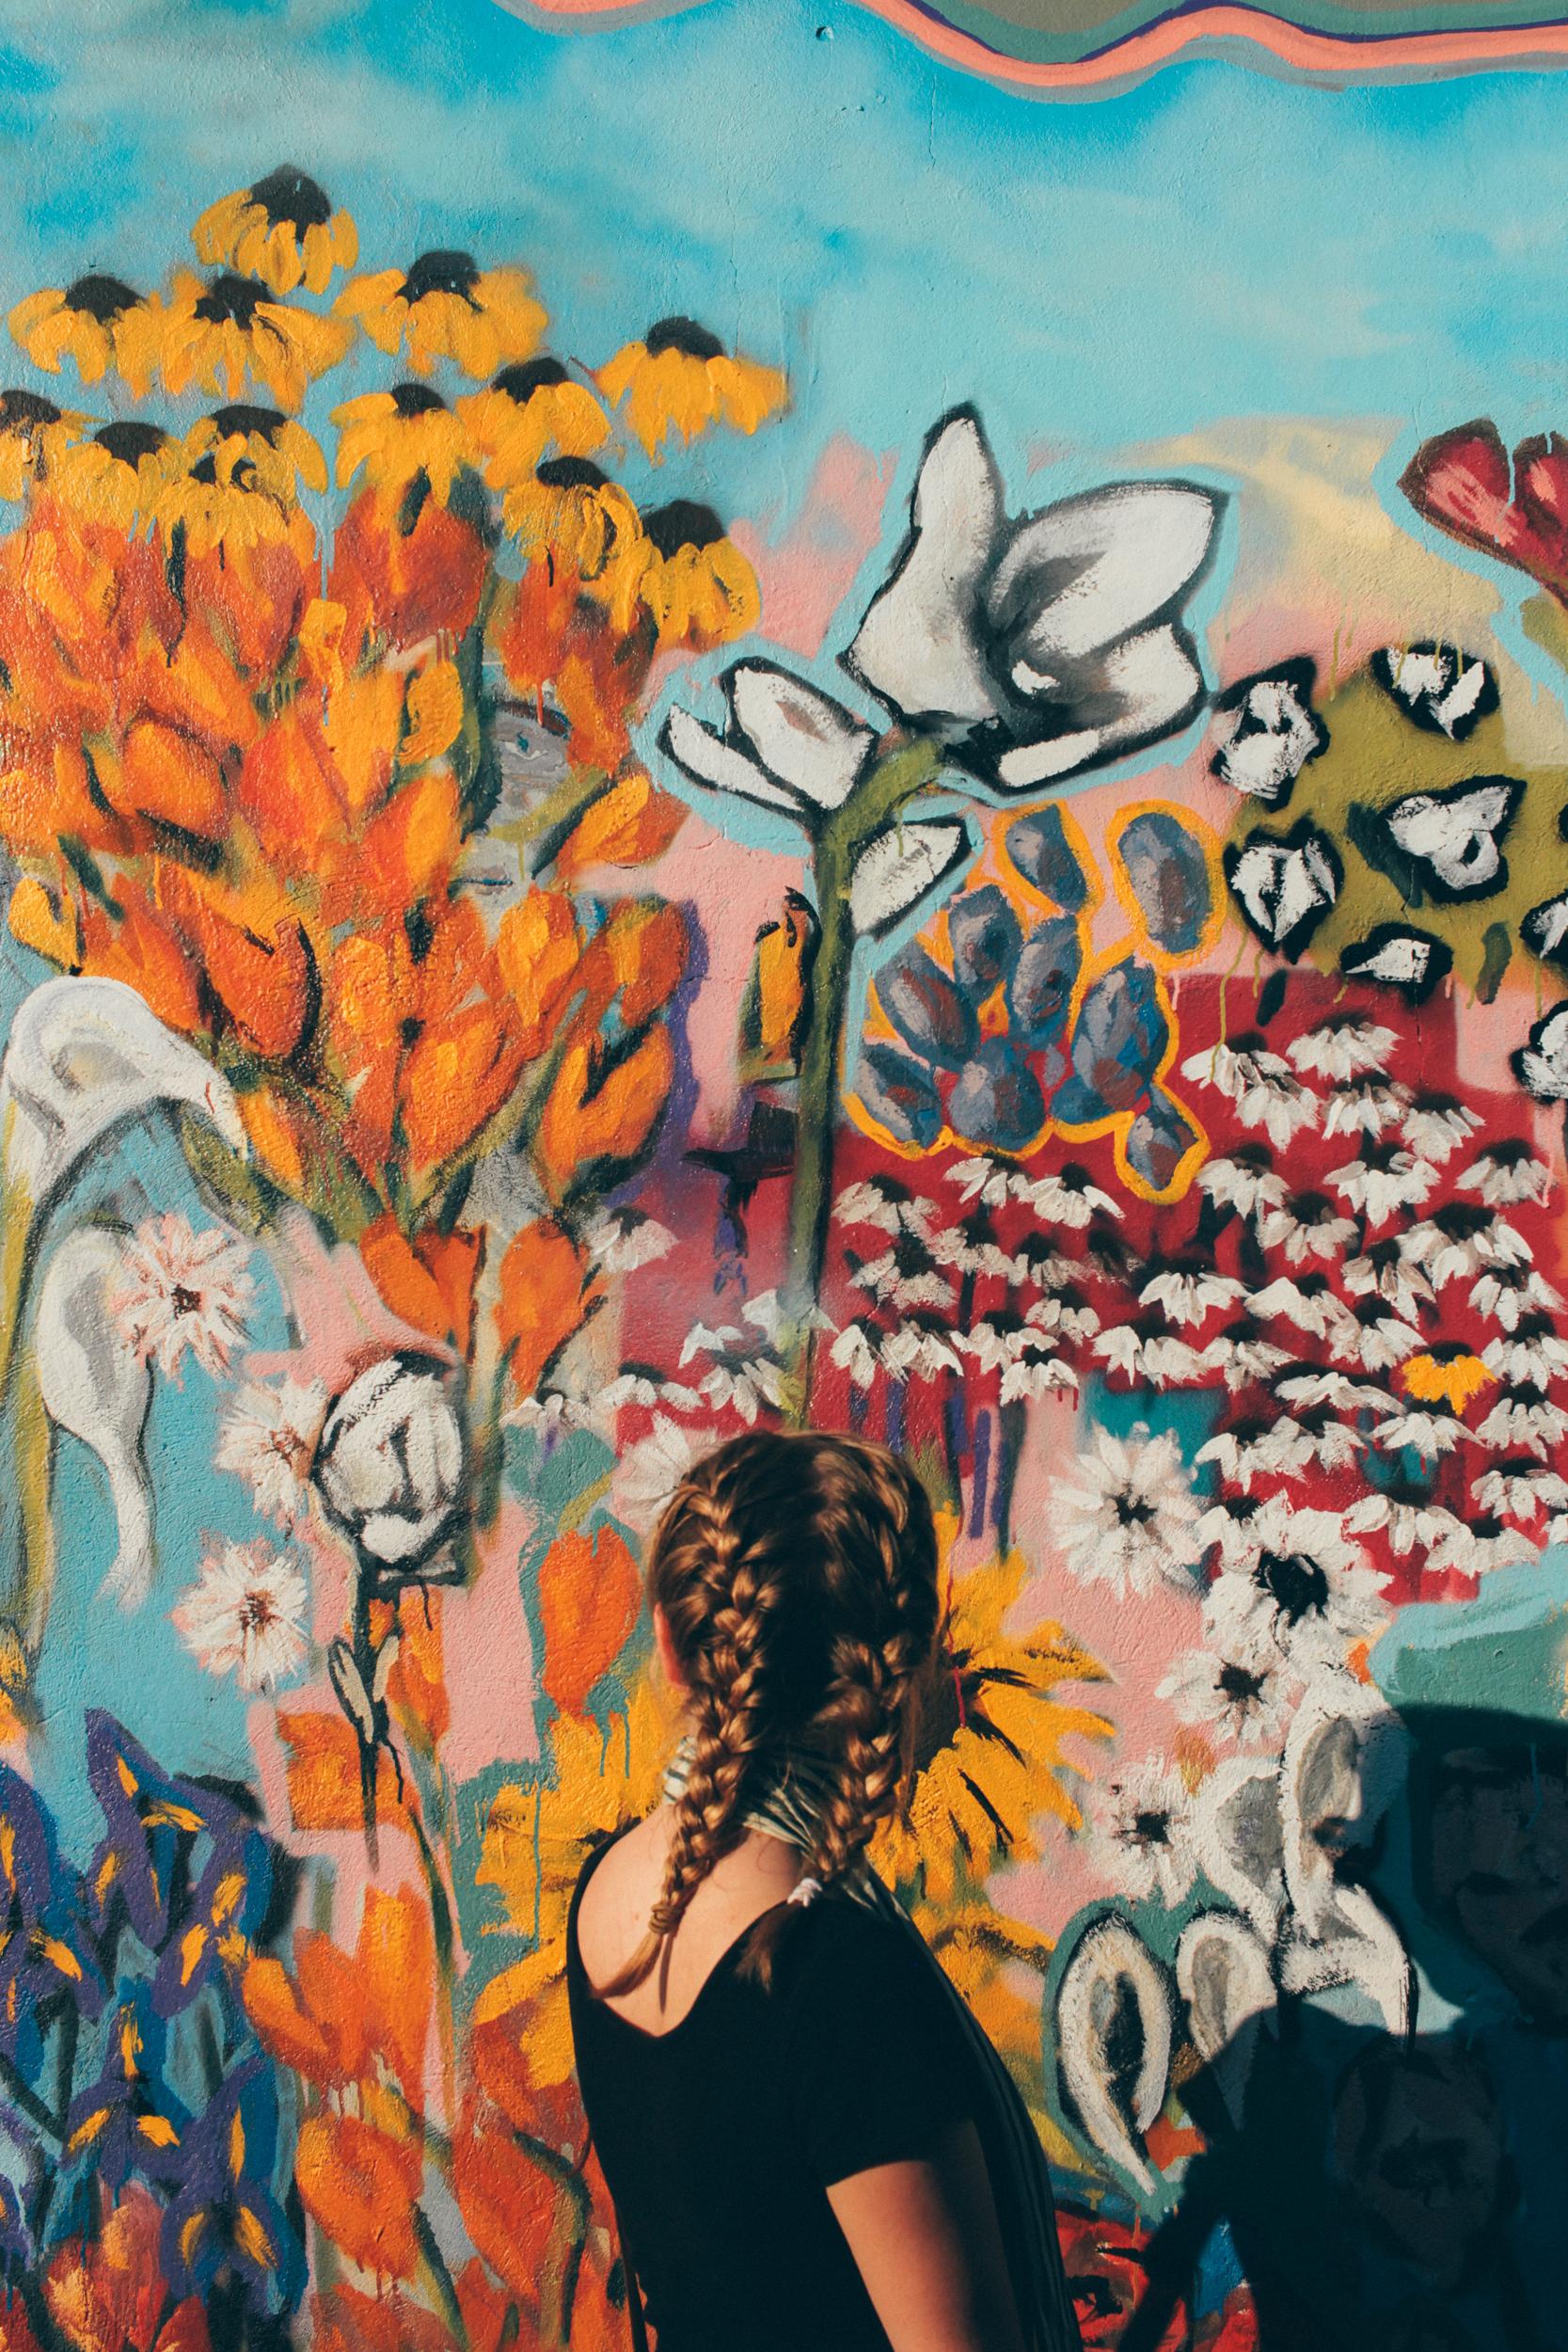 Gambar Bunga Ilustrasi Lukisan Dinding Kolase Seni Modern